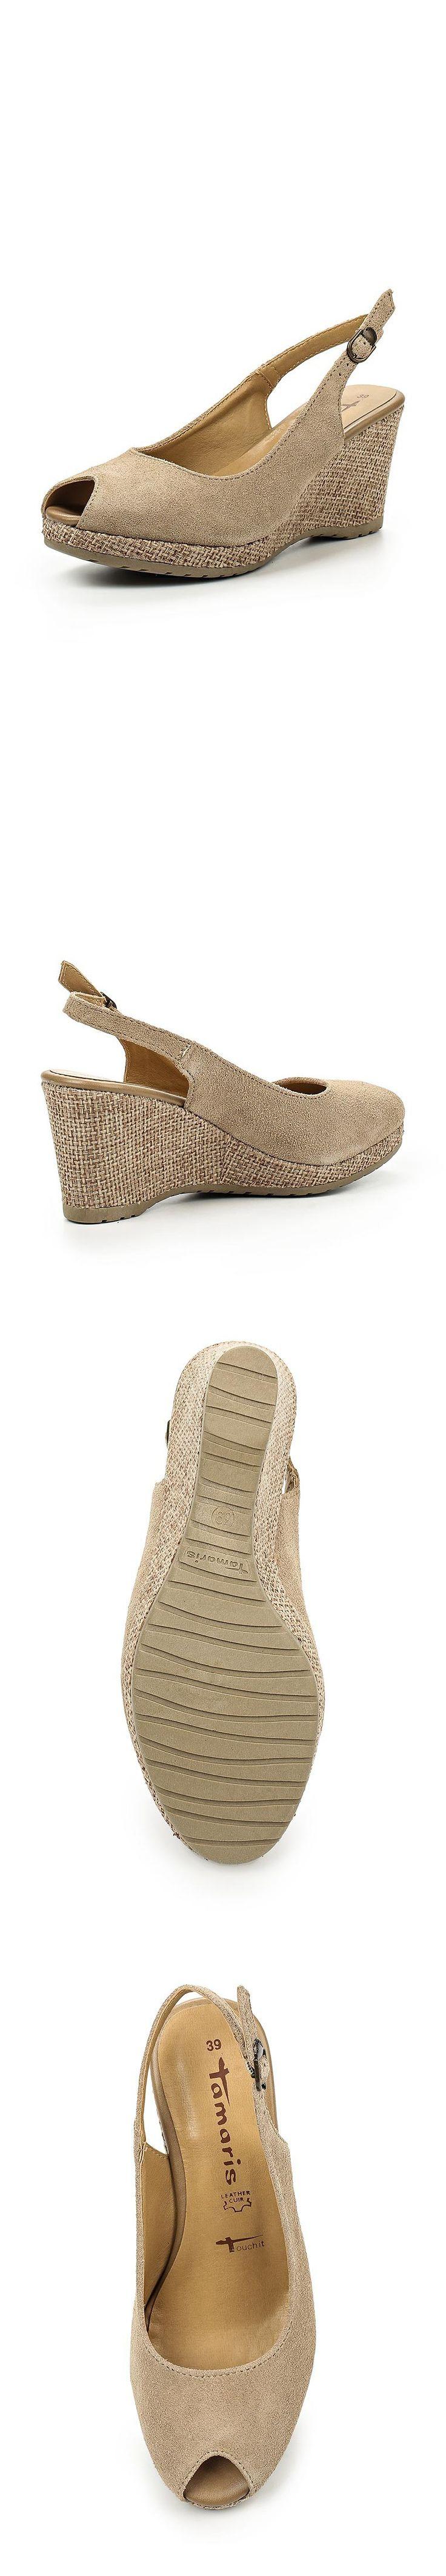 Женская обувь босоножки Tamaris за 4299.00 руб.